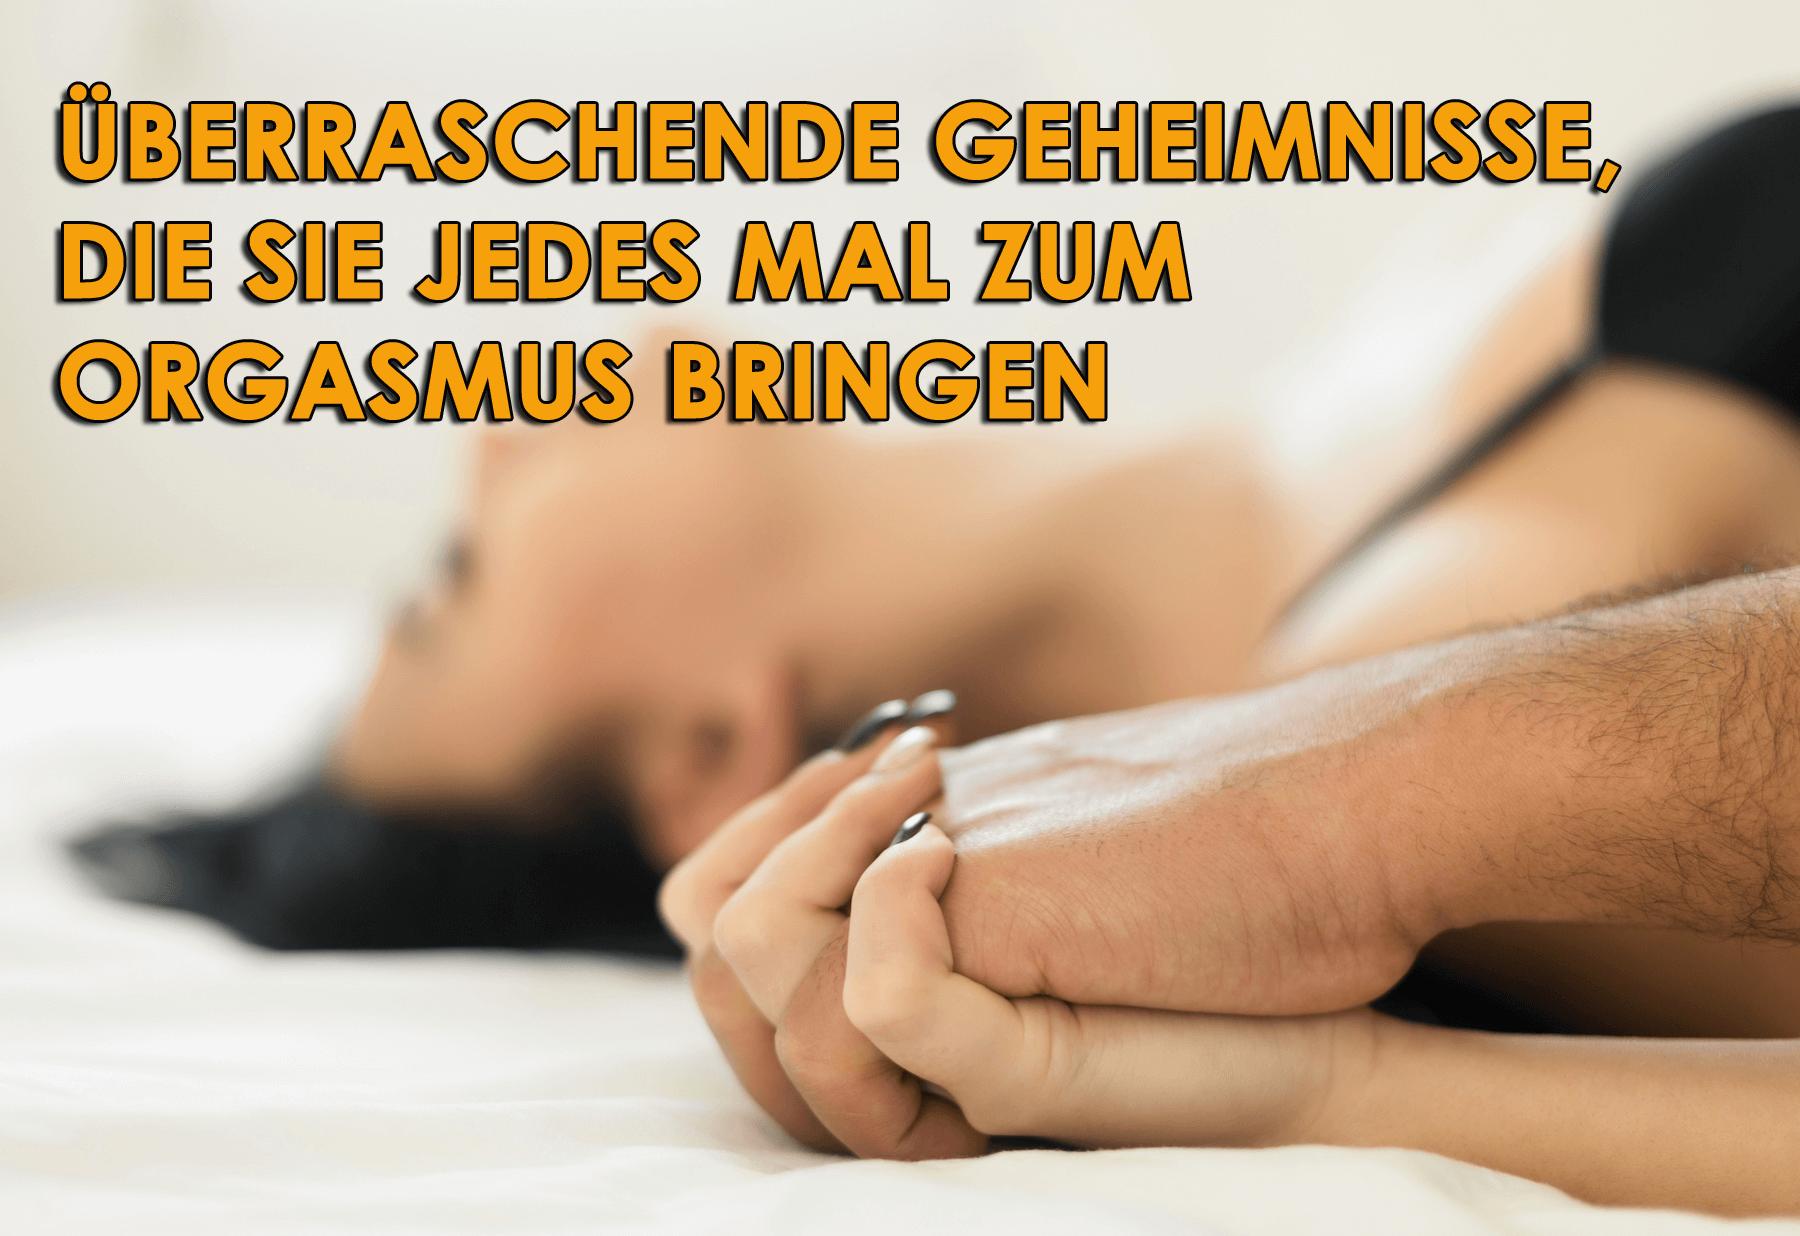 Weiblicher Orgasmus